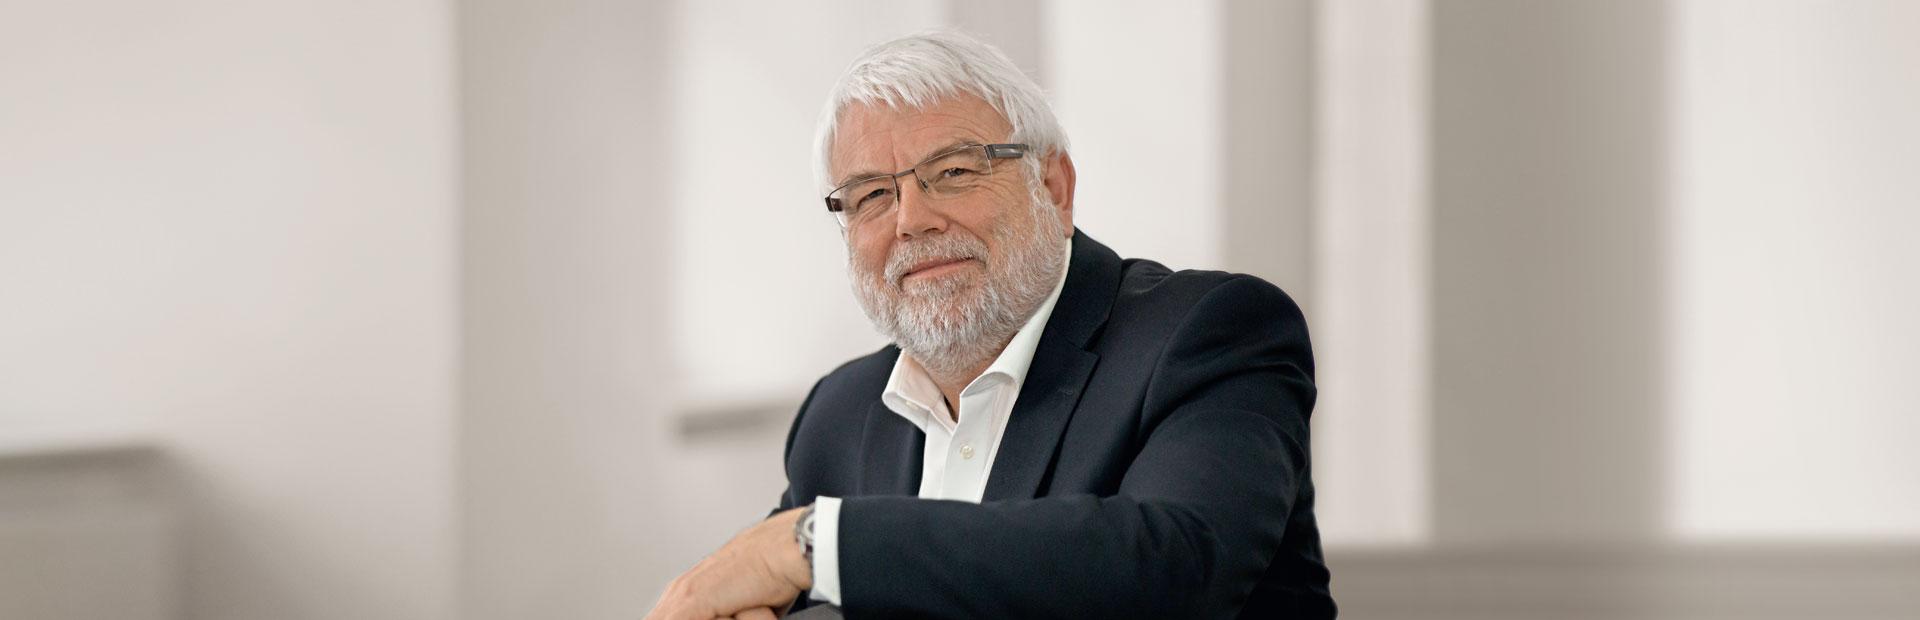 Martin Güll